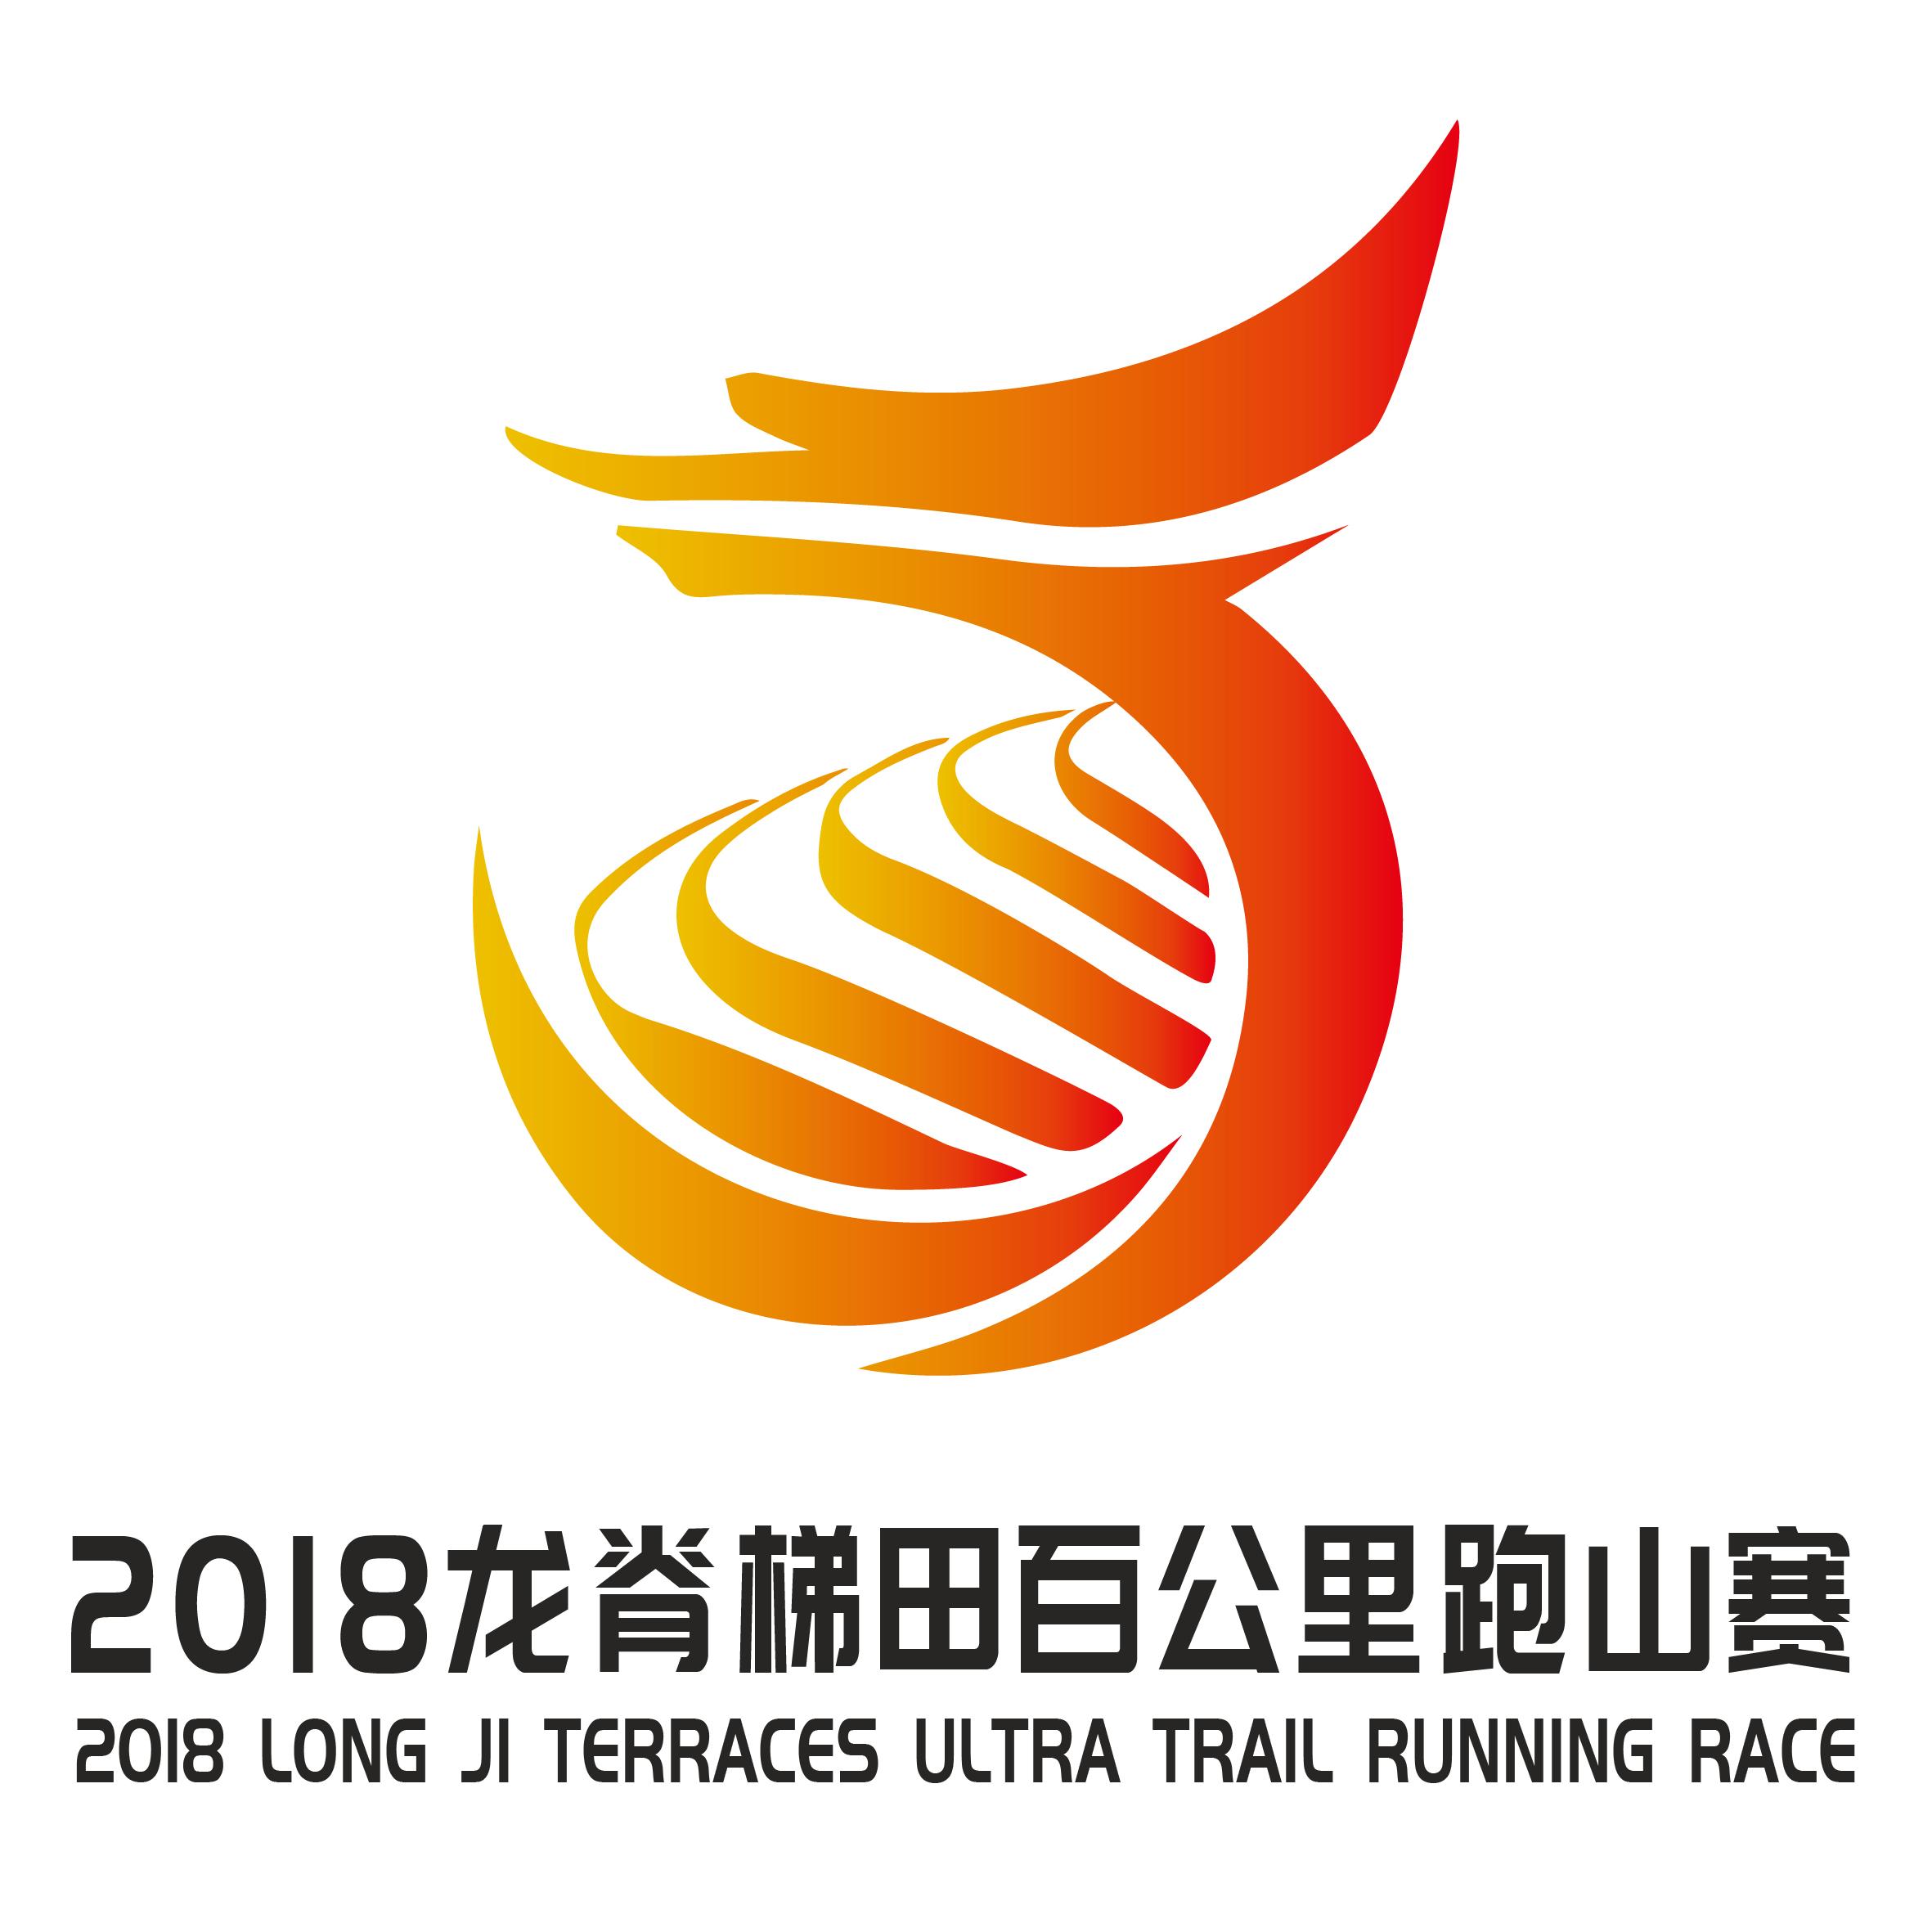 UTCT认证赛事|龙脊梯田百公里跑山赛